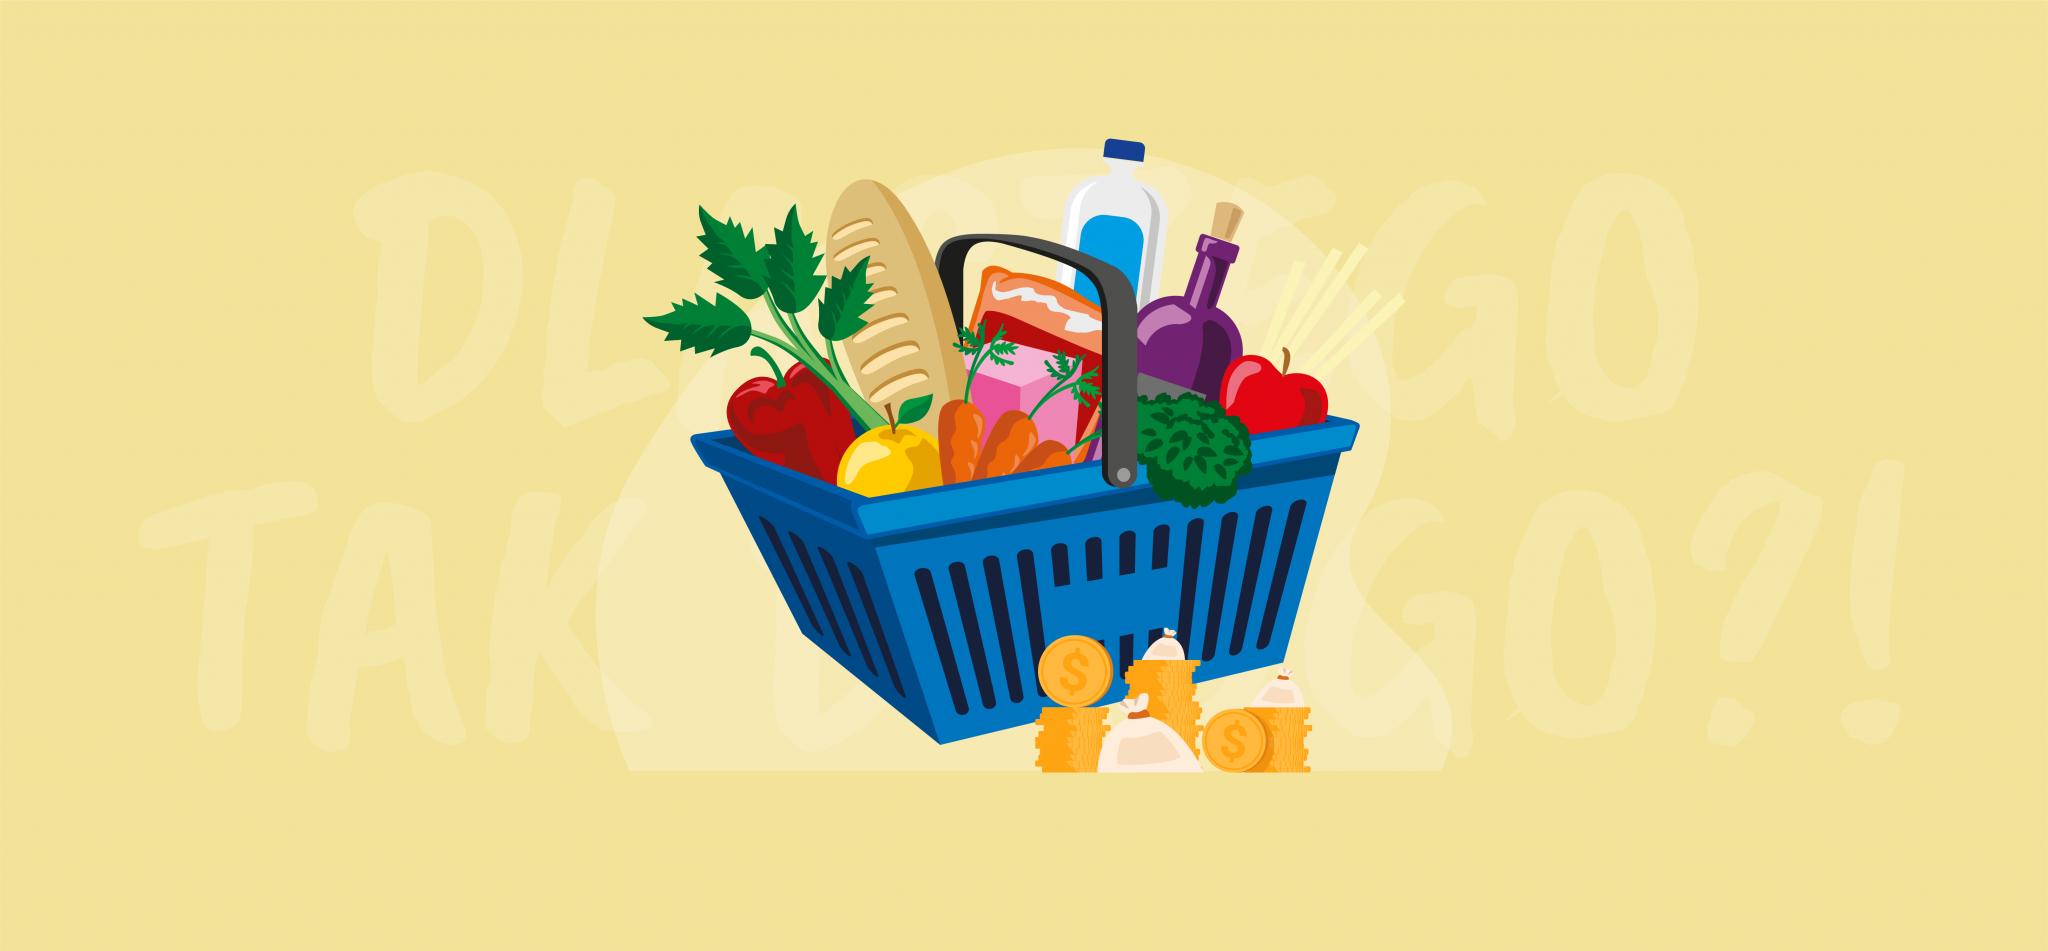 Zdrowa dieta – przepisy dla kobiet i mężczyzn